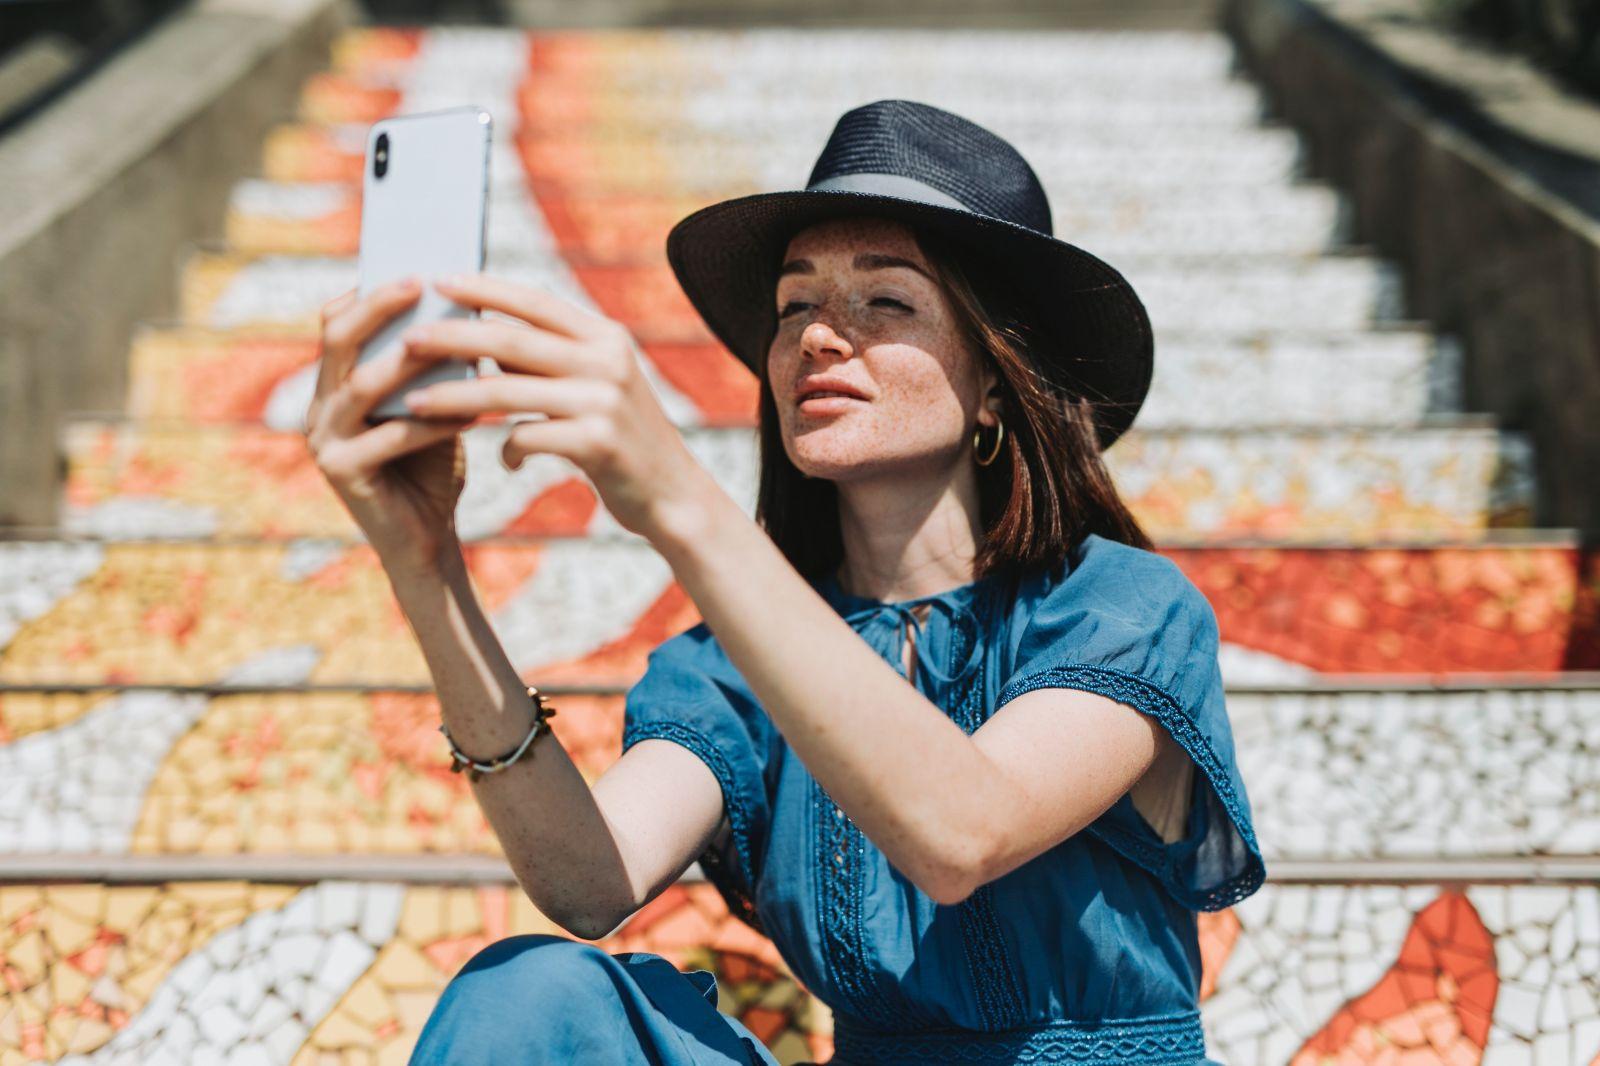 Ak zvládneš týždeň bez smartfónu, dostaneš 1 000 dolárov. Ako náhrada ti musí stačiť stará vyklápačka